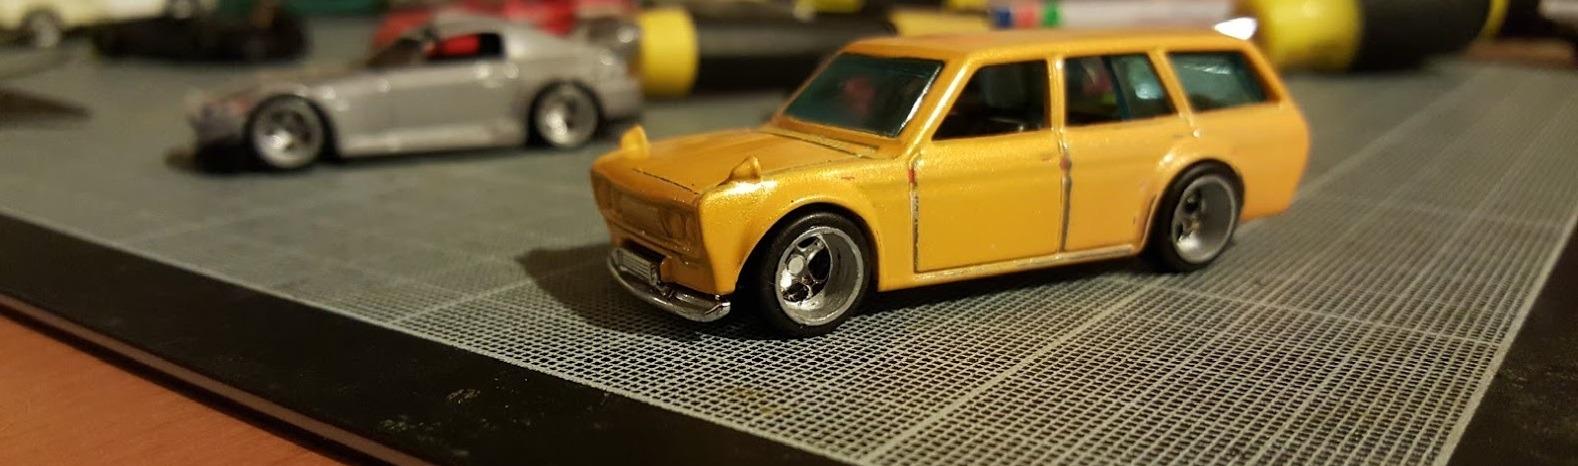 Stanced Datsun 510 Wagon